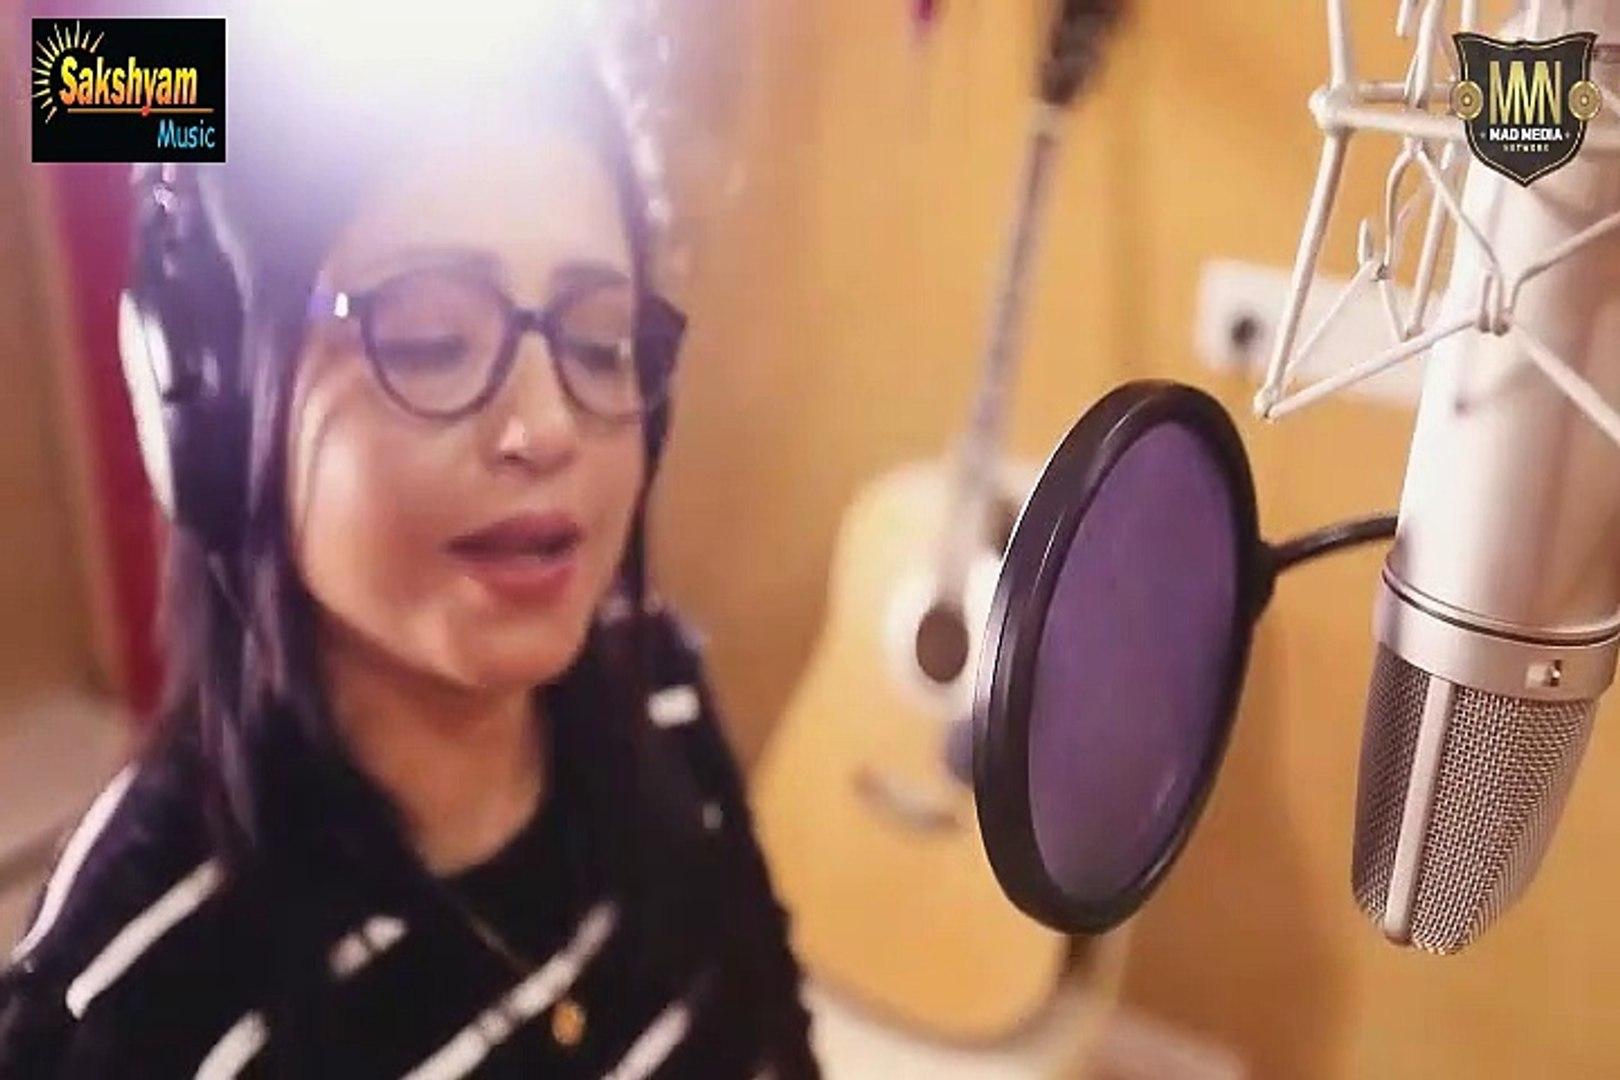 2019 hindi songs_smp music, BOLLYWOOD HINDI SONGS 2018 ,Latest Bollywood Songs 2018